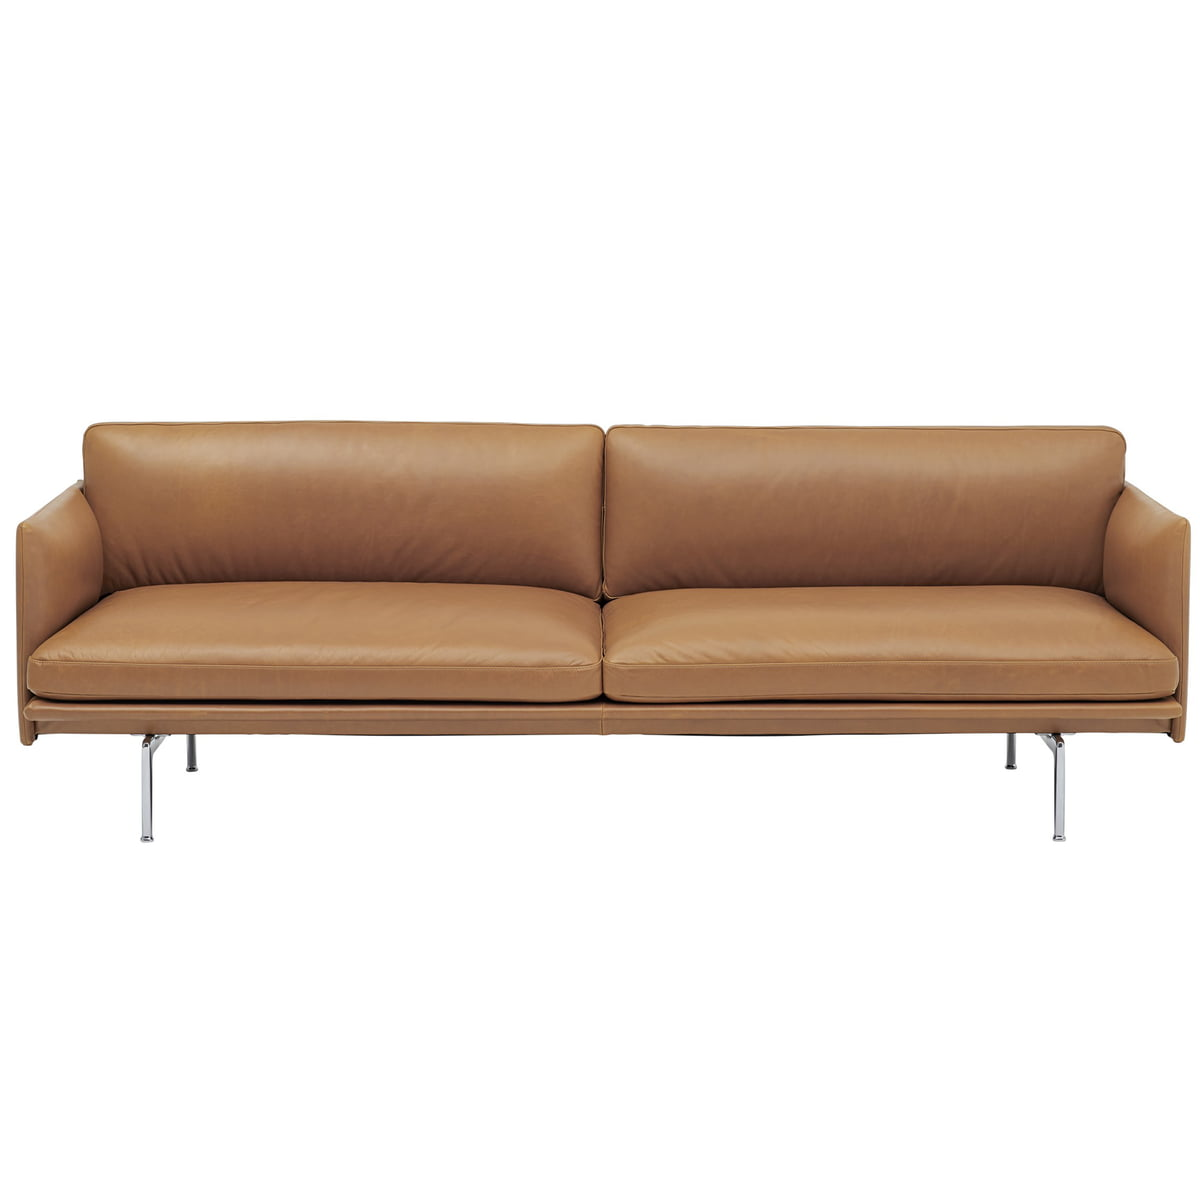 Full Size of Sofa 3 Sitzer Outline Von Muuto Connox Big Xxl Schlaffunktion Tom Tailor Mit Hocker Cassina Rc3 Fenster Landhausstil Marken De Sede Halbrundes Freistil Rundes Sofa Sofa 3 Sitzer